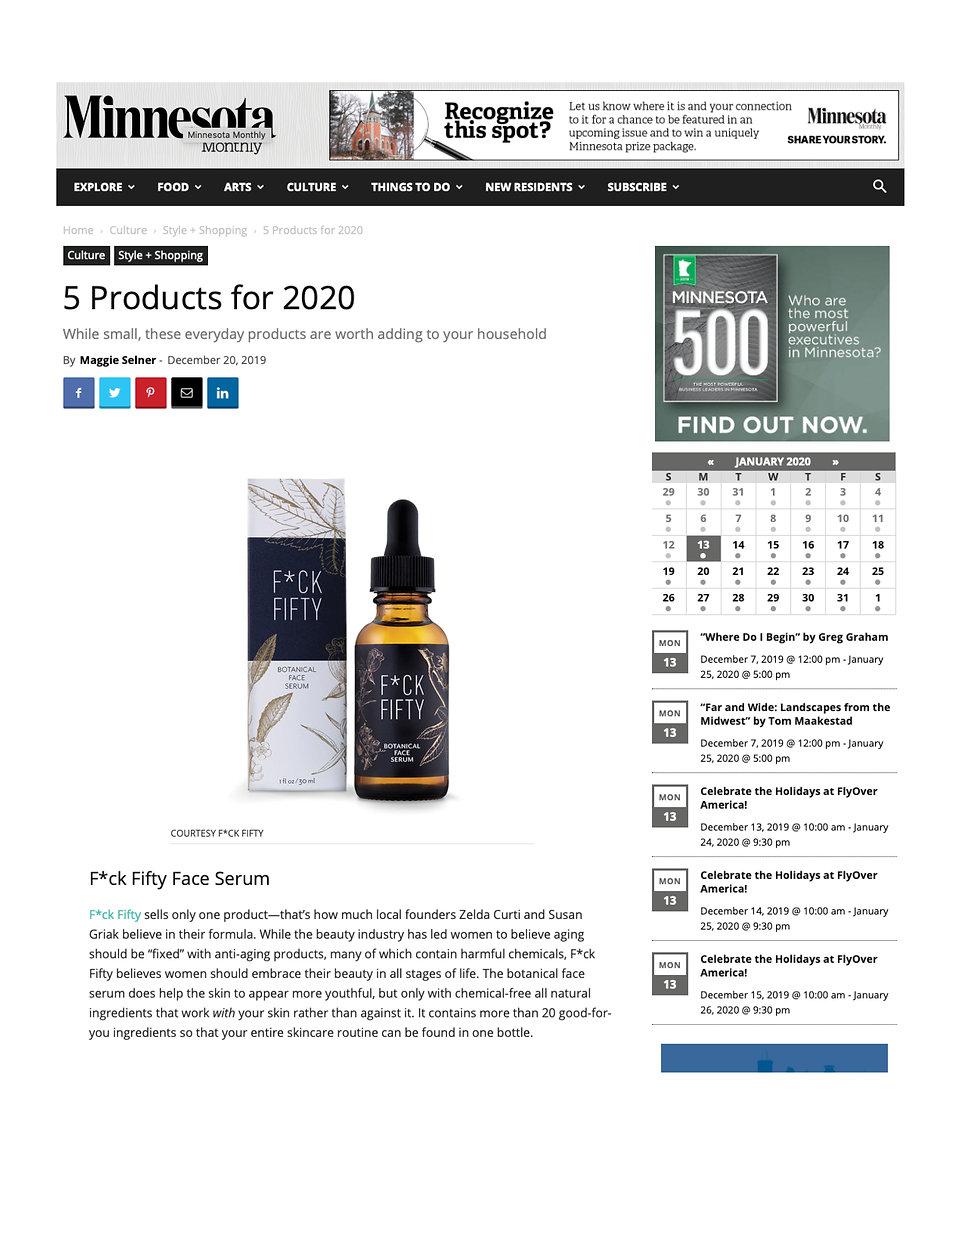 MN Monthly Press.jpg